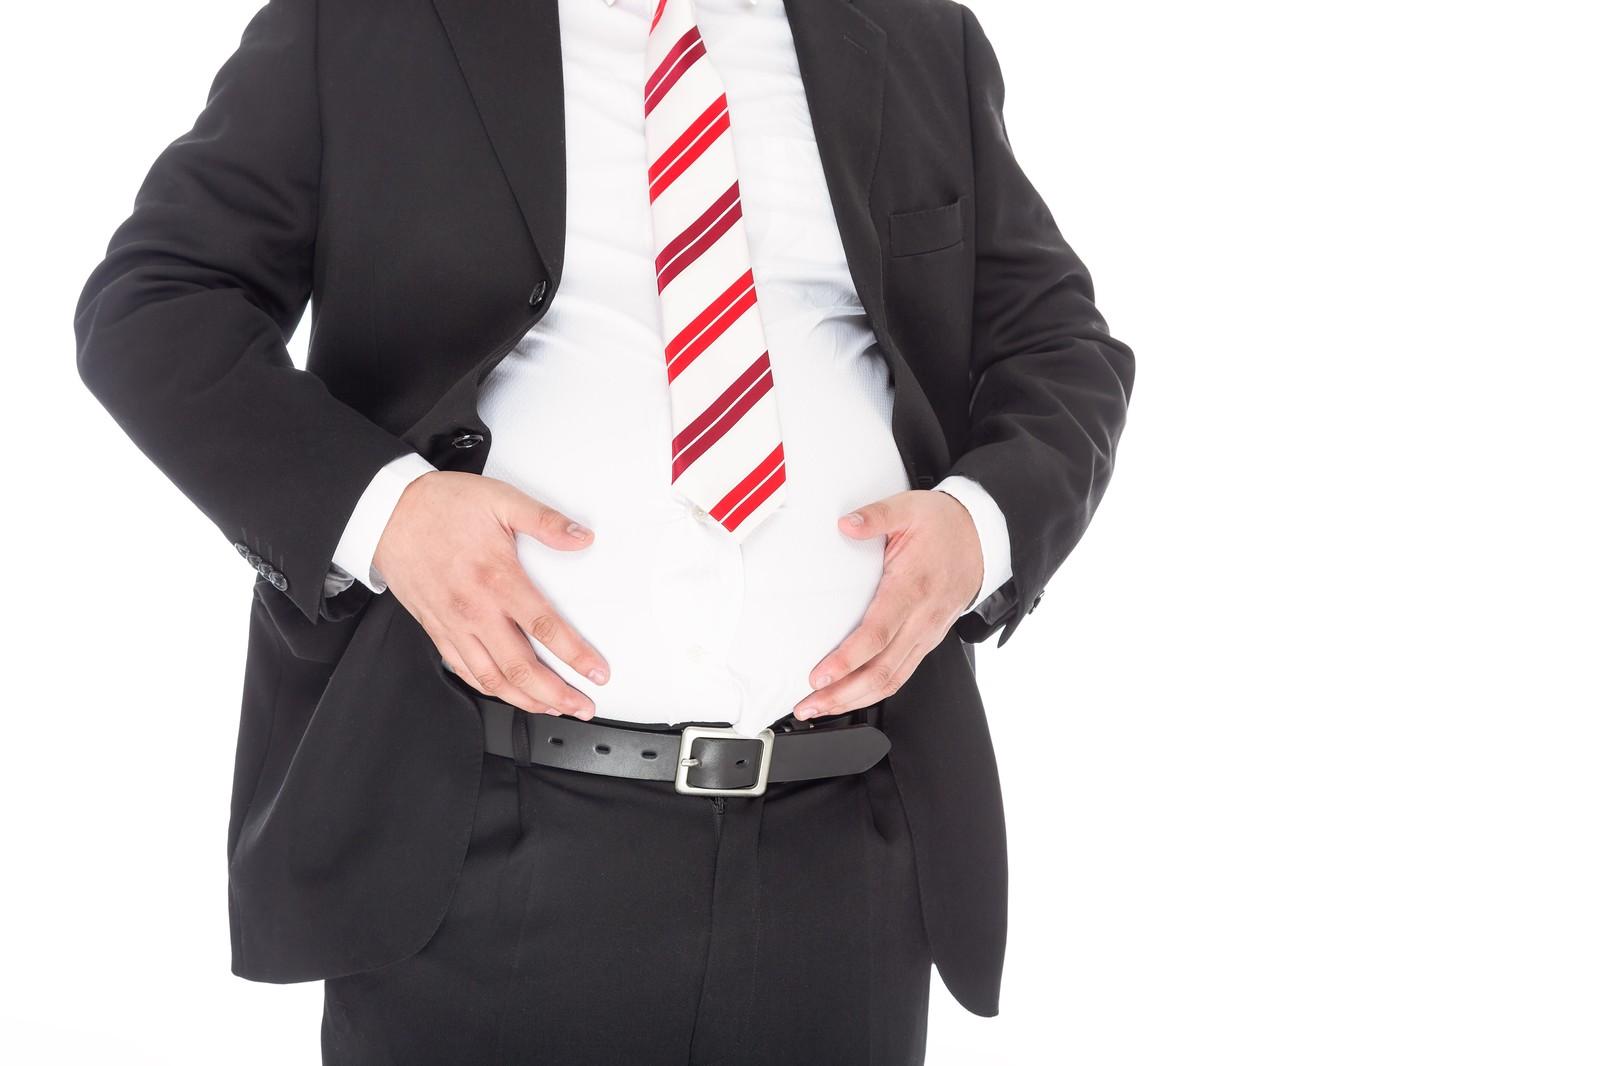 【要注意】社会人生活は太る要素が溢れている!?太る原因と予防策